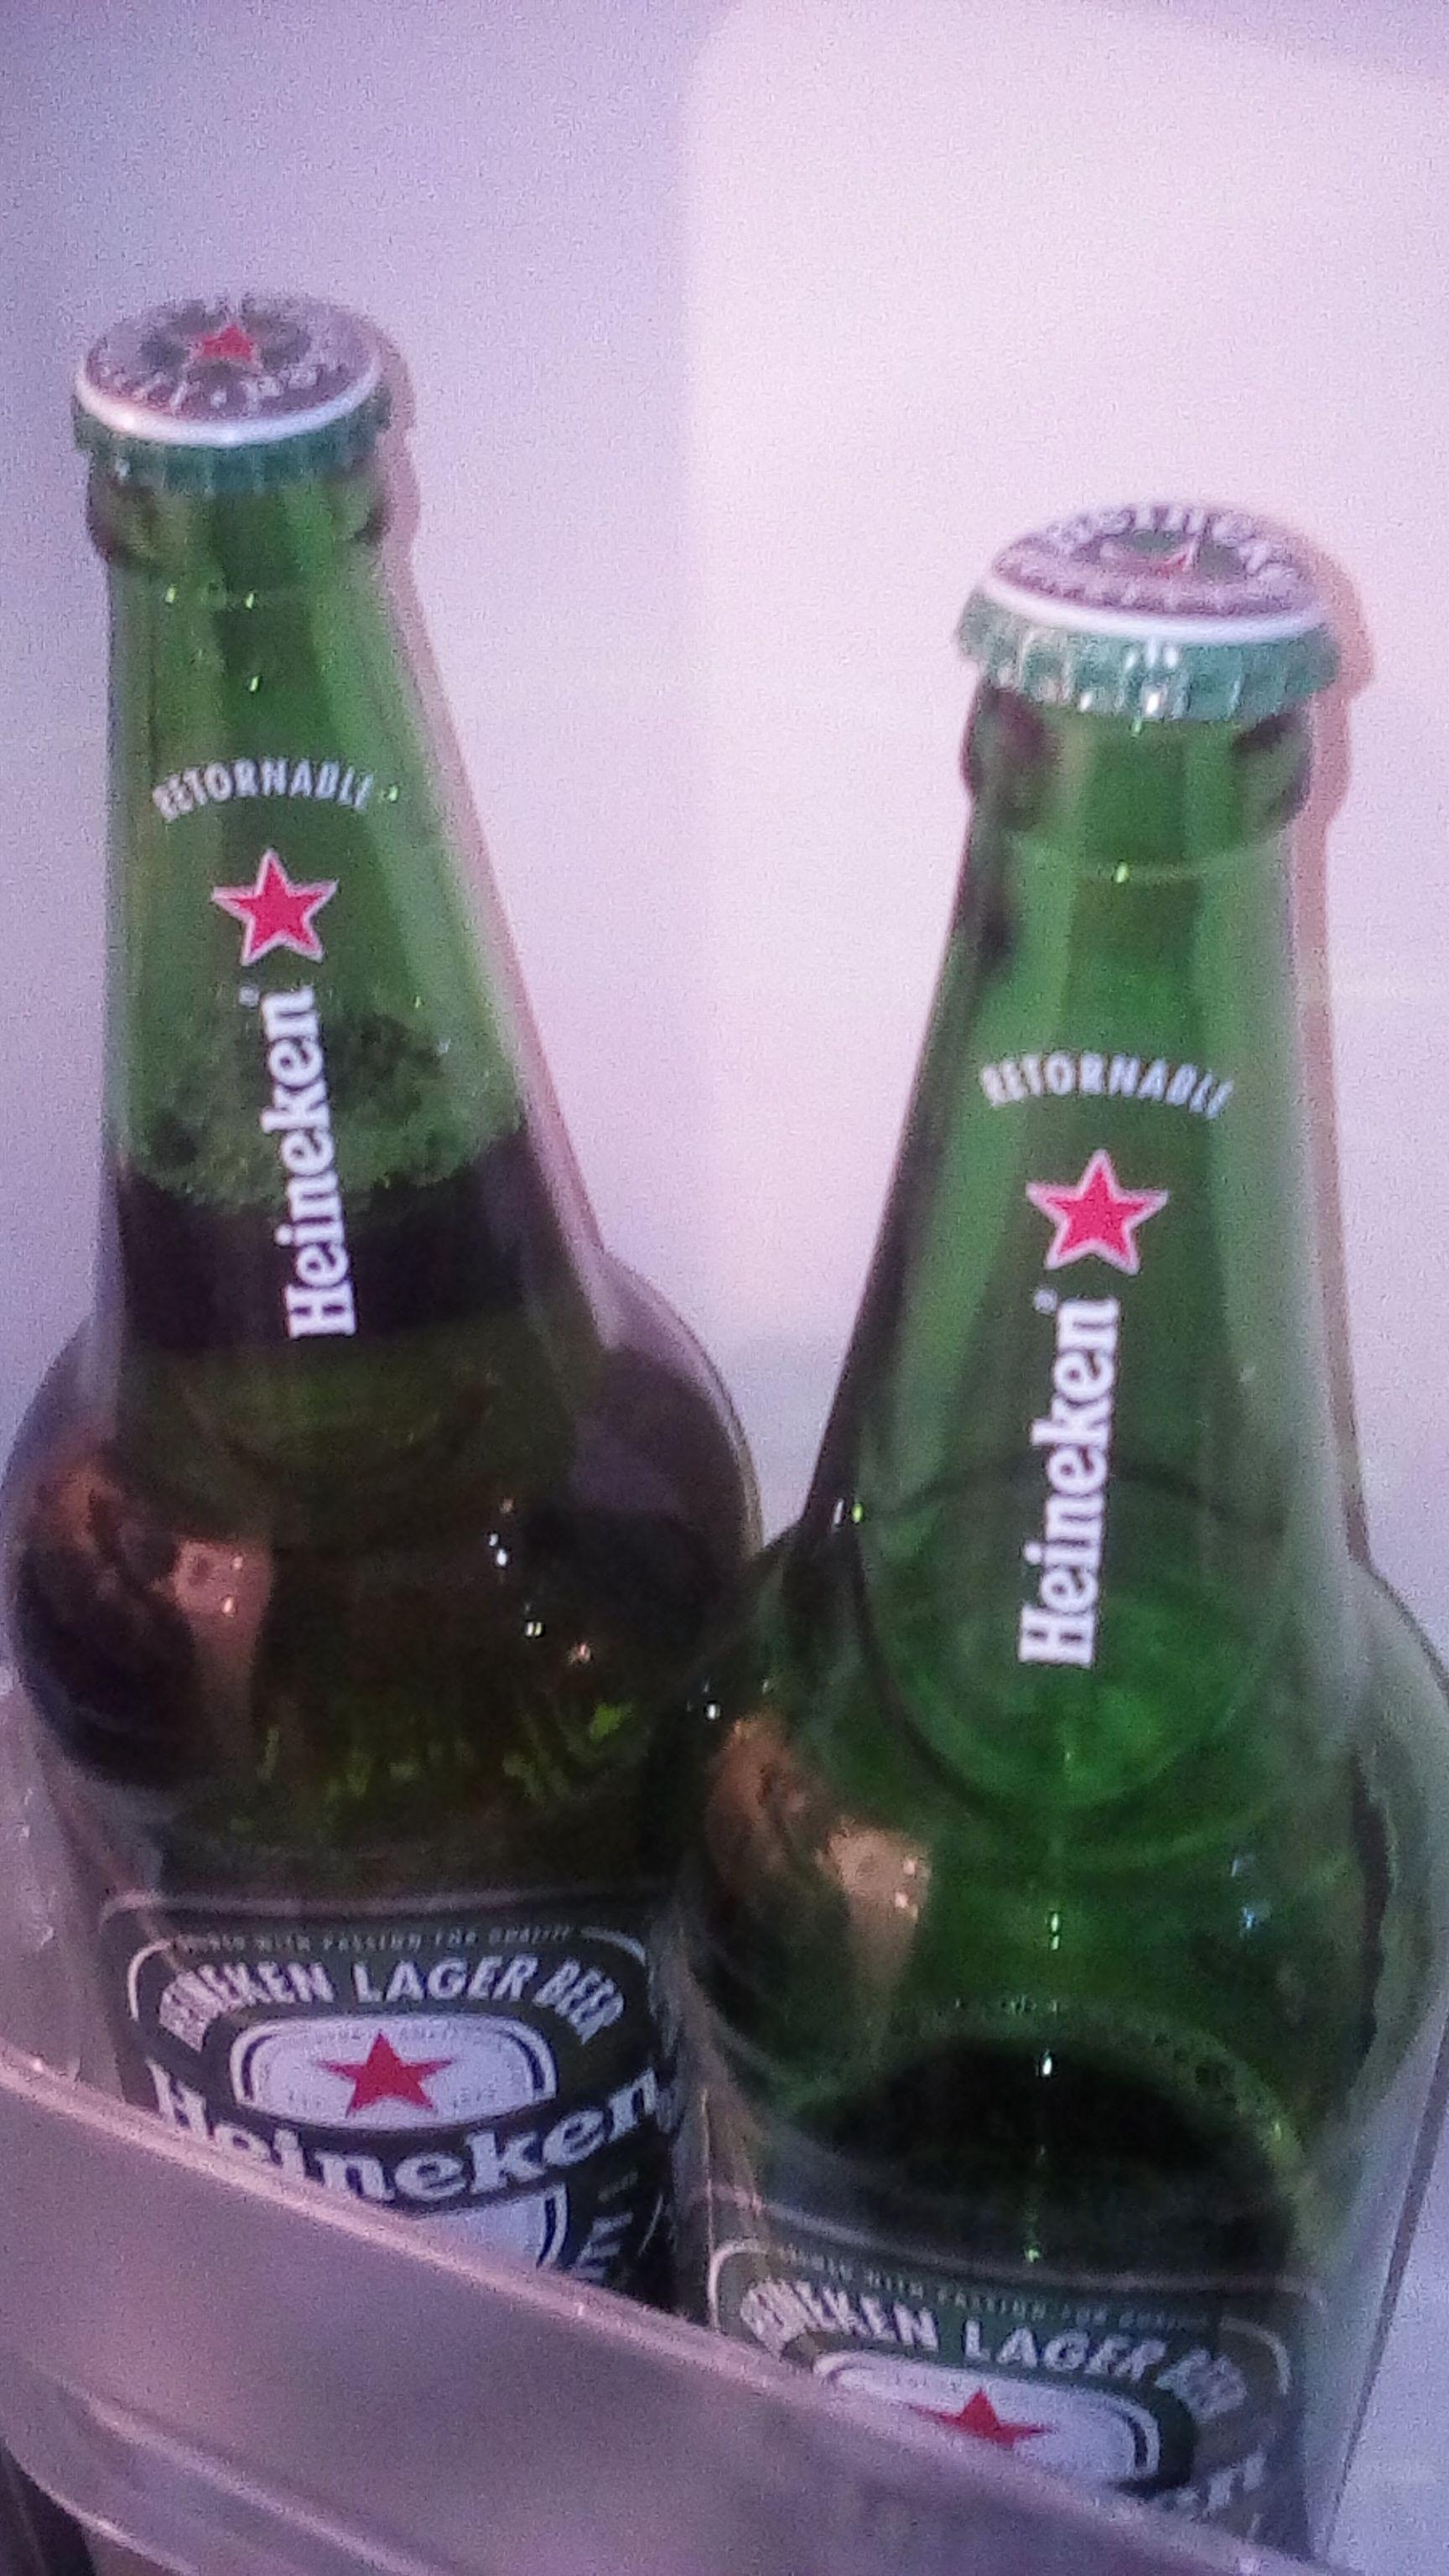 Oxxo: 2 caguama Heineken